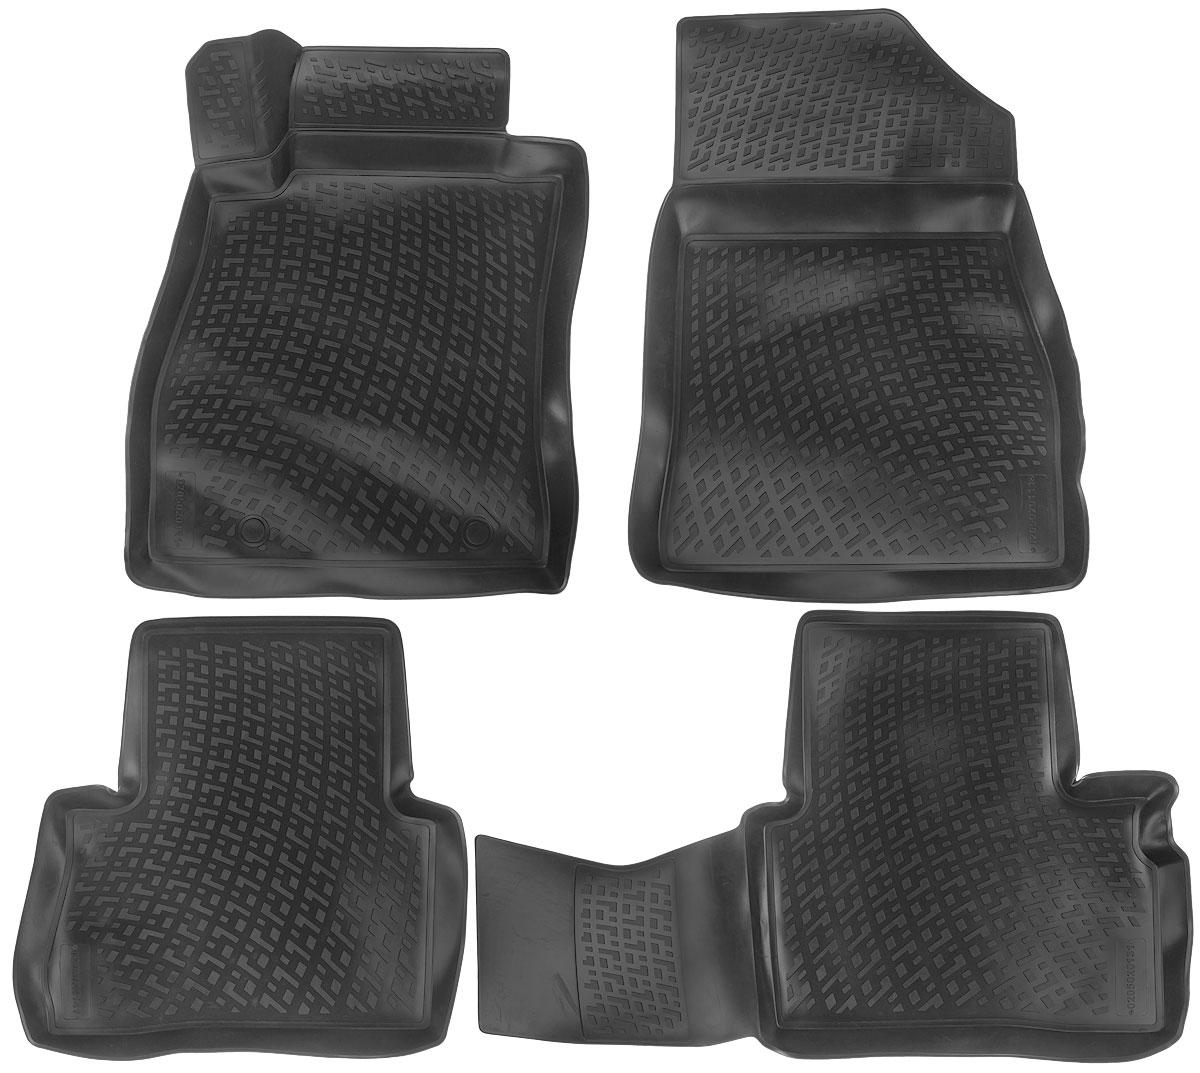 Набор автомобильных ковриков L.Locker Nissan Juke 2010, в салон, 4 шт0205020101Набор L.Locker Nissan Juke 2010, изготовленный из полиуретана, состоит из 4 антискользящих 3D ковриков, которые производятся индивидуально для каждой модели автомобиля. Изделие точно повторяет геометрию пола автомобиля, имеет высокий борт, обладает повышенной износоустойчивостью, лишено резкого запаха и сохраняет свои потребительские свойства в широком диапазоне температур от -50°С до +50°С.Комплектация: 4 шт.Размер ковриков: 92 см х 57 см; 57 см х 56 см; 72 см х 58 см; 77 см х 58 см.